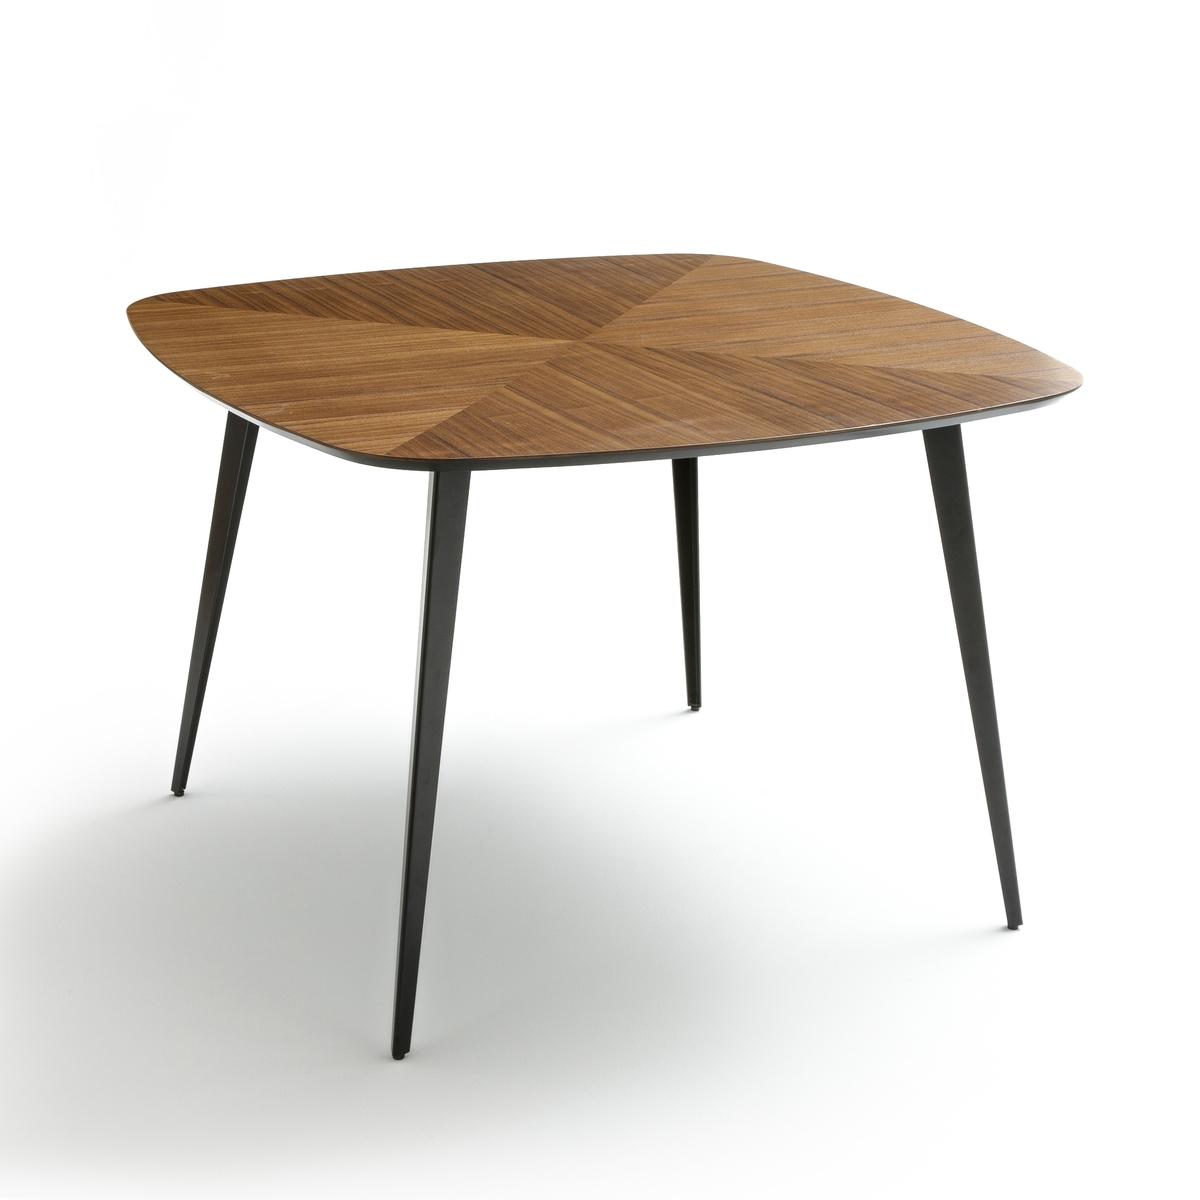 Стол LaRedoute Обеденный в винтажном стиле в крапинку на 4 персоны Watford 4 персоны каштановый стол laredoute обеденный круглый на 4 персоны authentic style 4 персоны белый